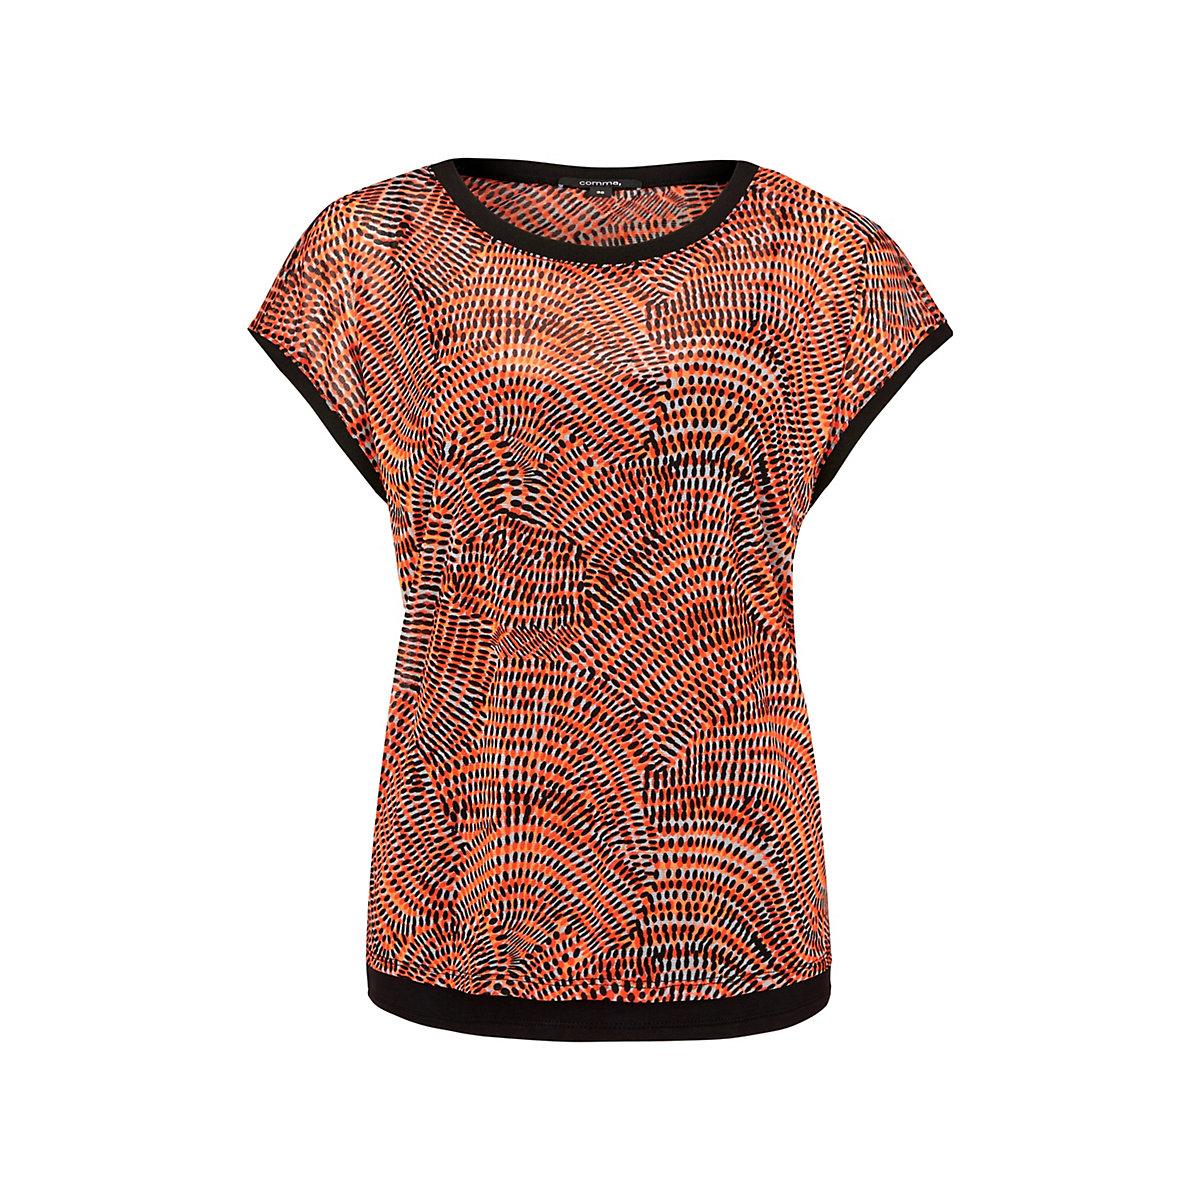 comma Kurzarmshirt aus hauchzartem Mesh T-Shirts orange